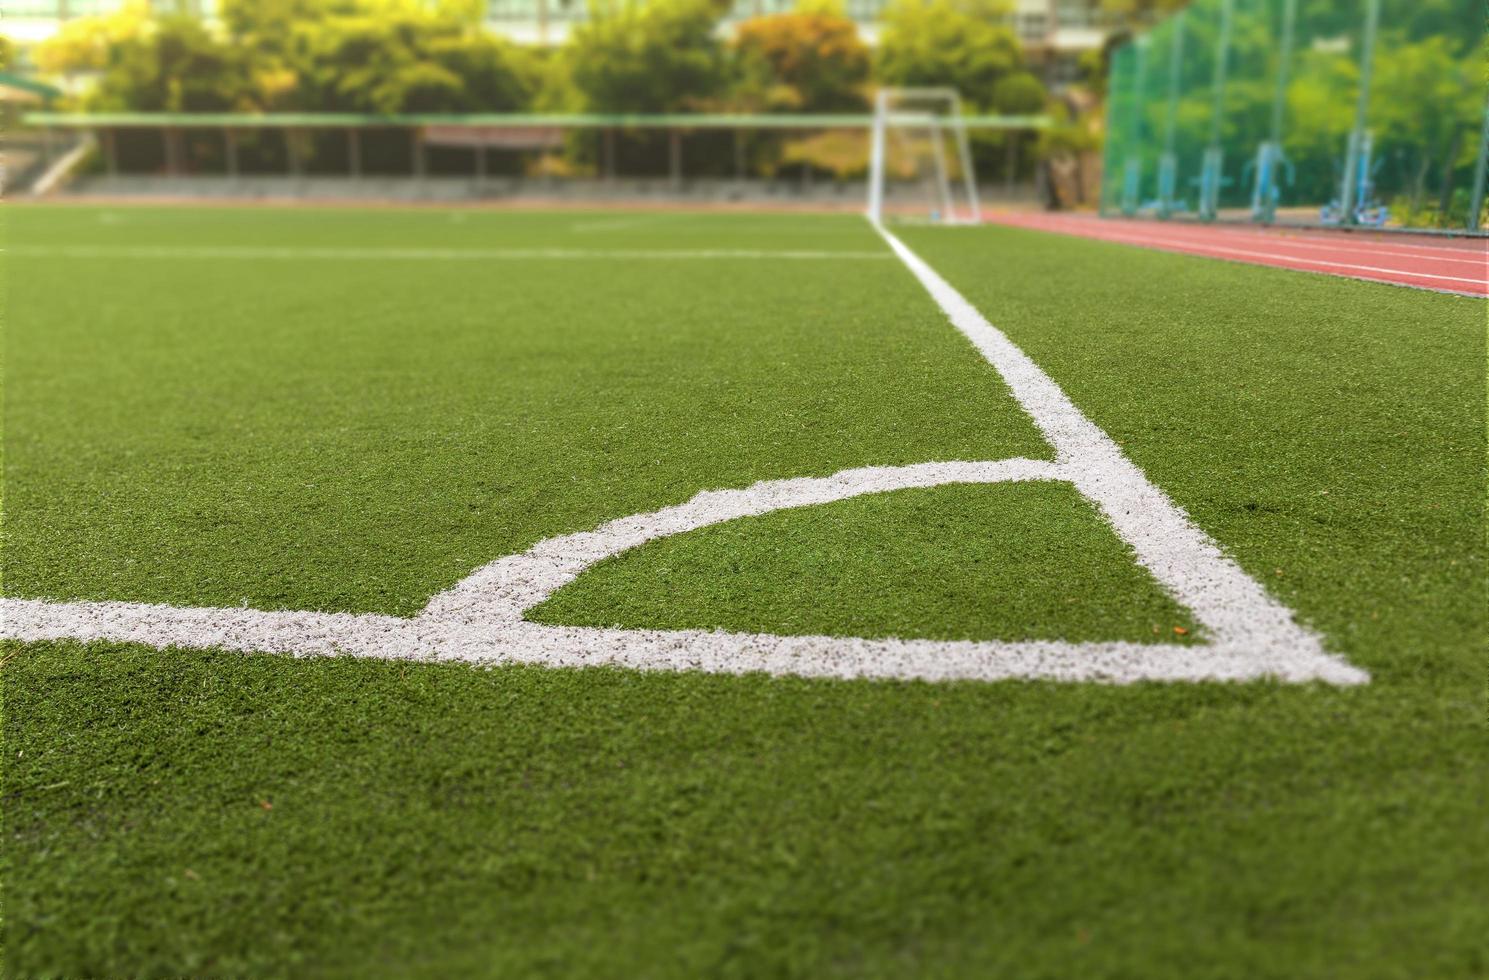 voetbal of voetbalveld met witte lijn foto